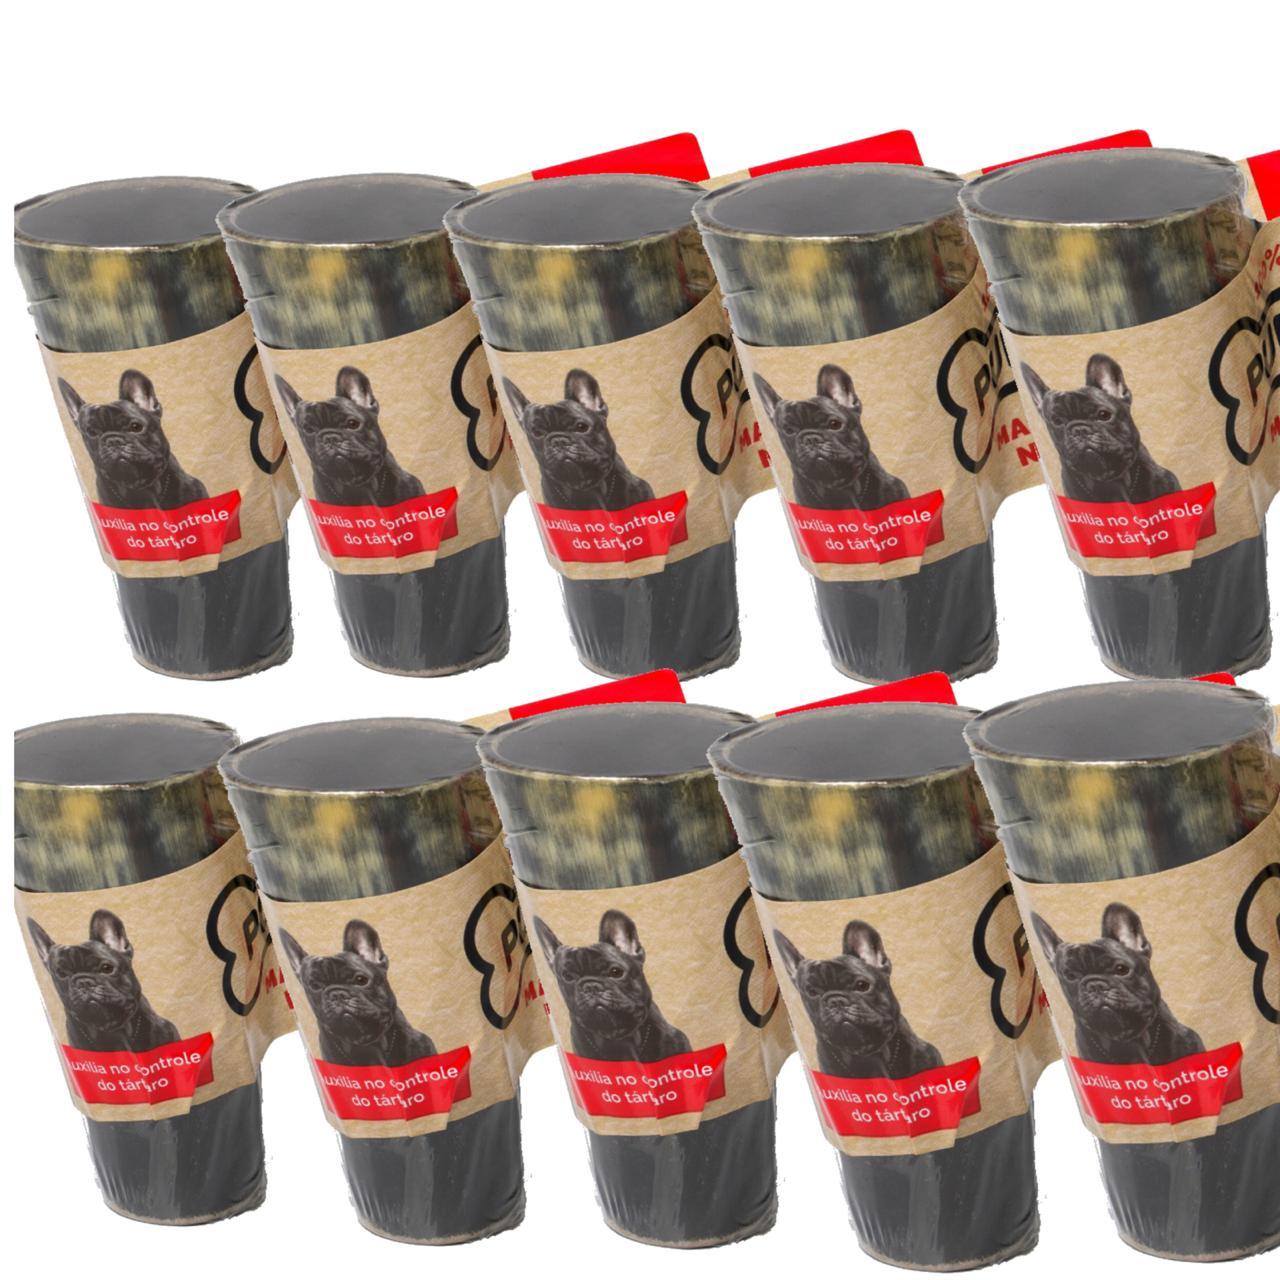 Kit com 10 chifres bovinos Puretoy para cães